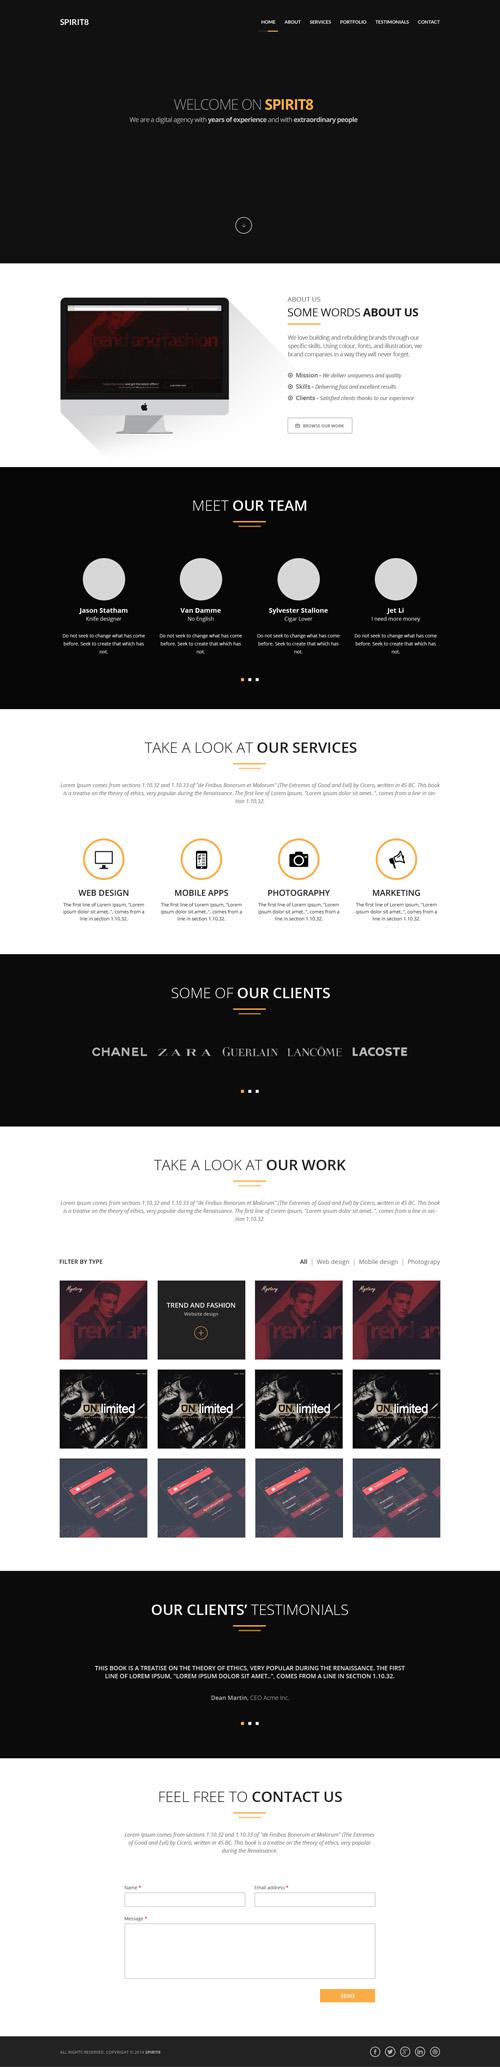 Сайт веб-студии в темных цветах